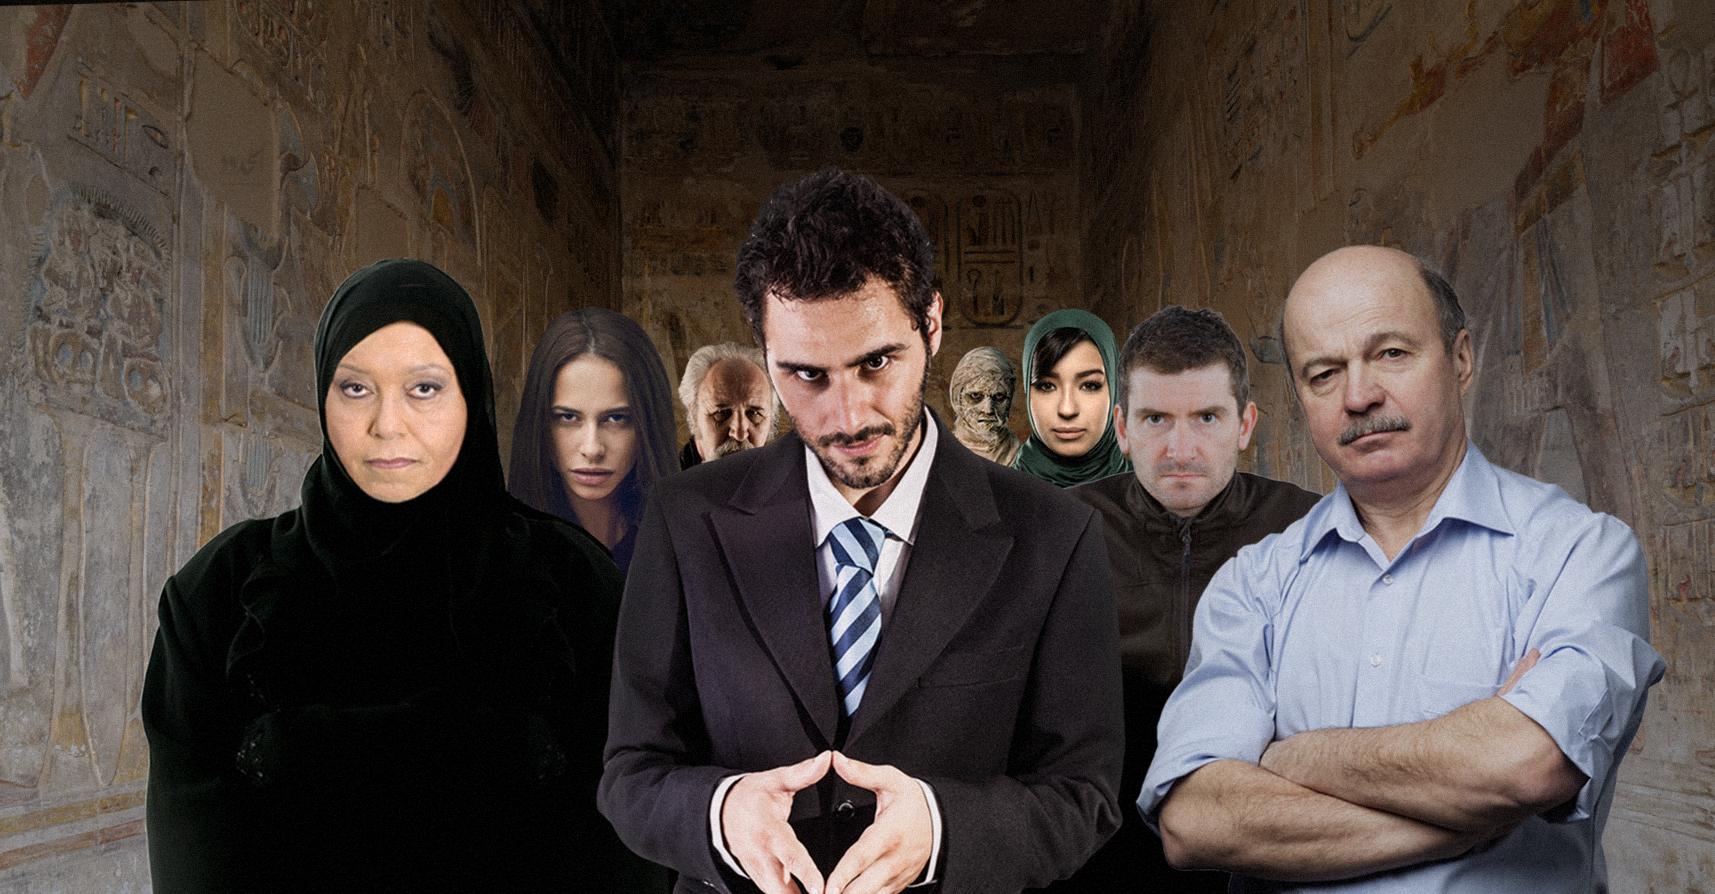 صورة مصريون يدعون راموس لزيارة الأهرامات ليطلعوه على الأسرار المدفونة بأماكن مظلمة